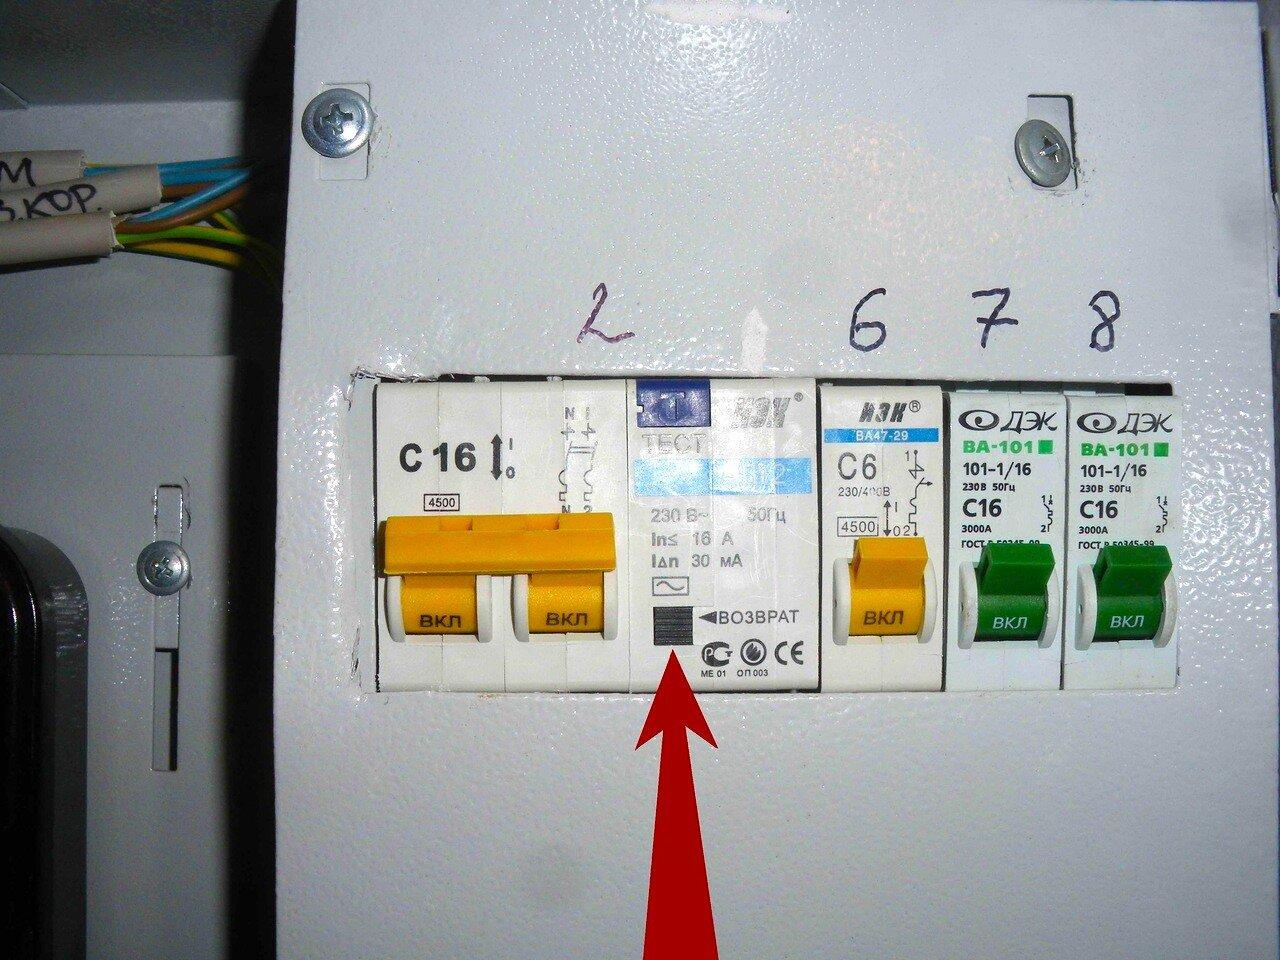 Фото 2. Дифференциальный автомат с кнопкой «Возврат».